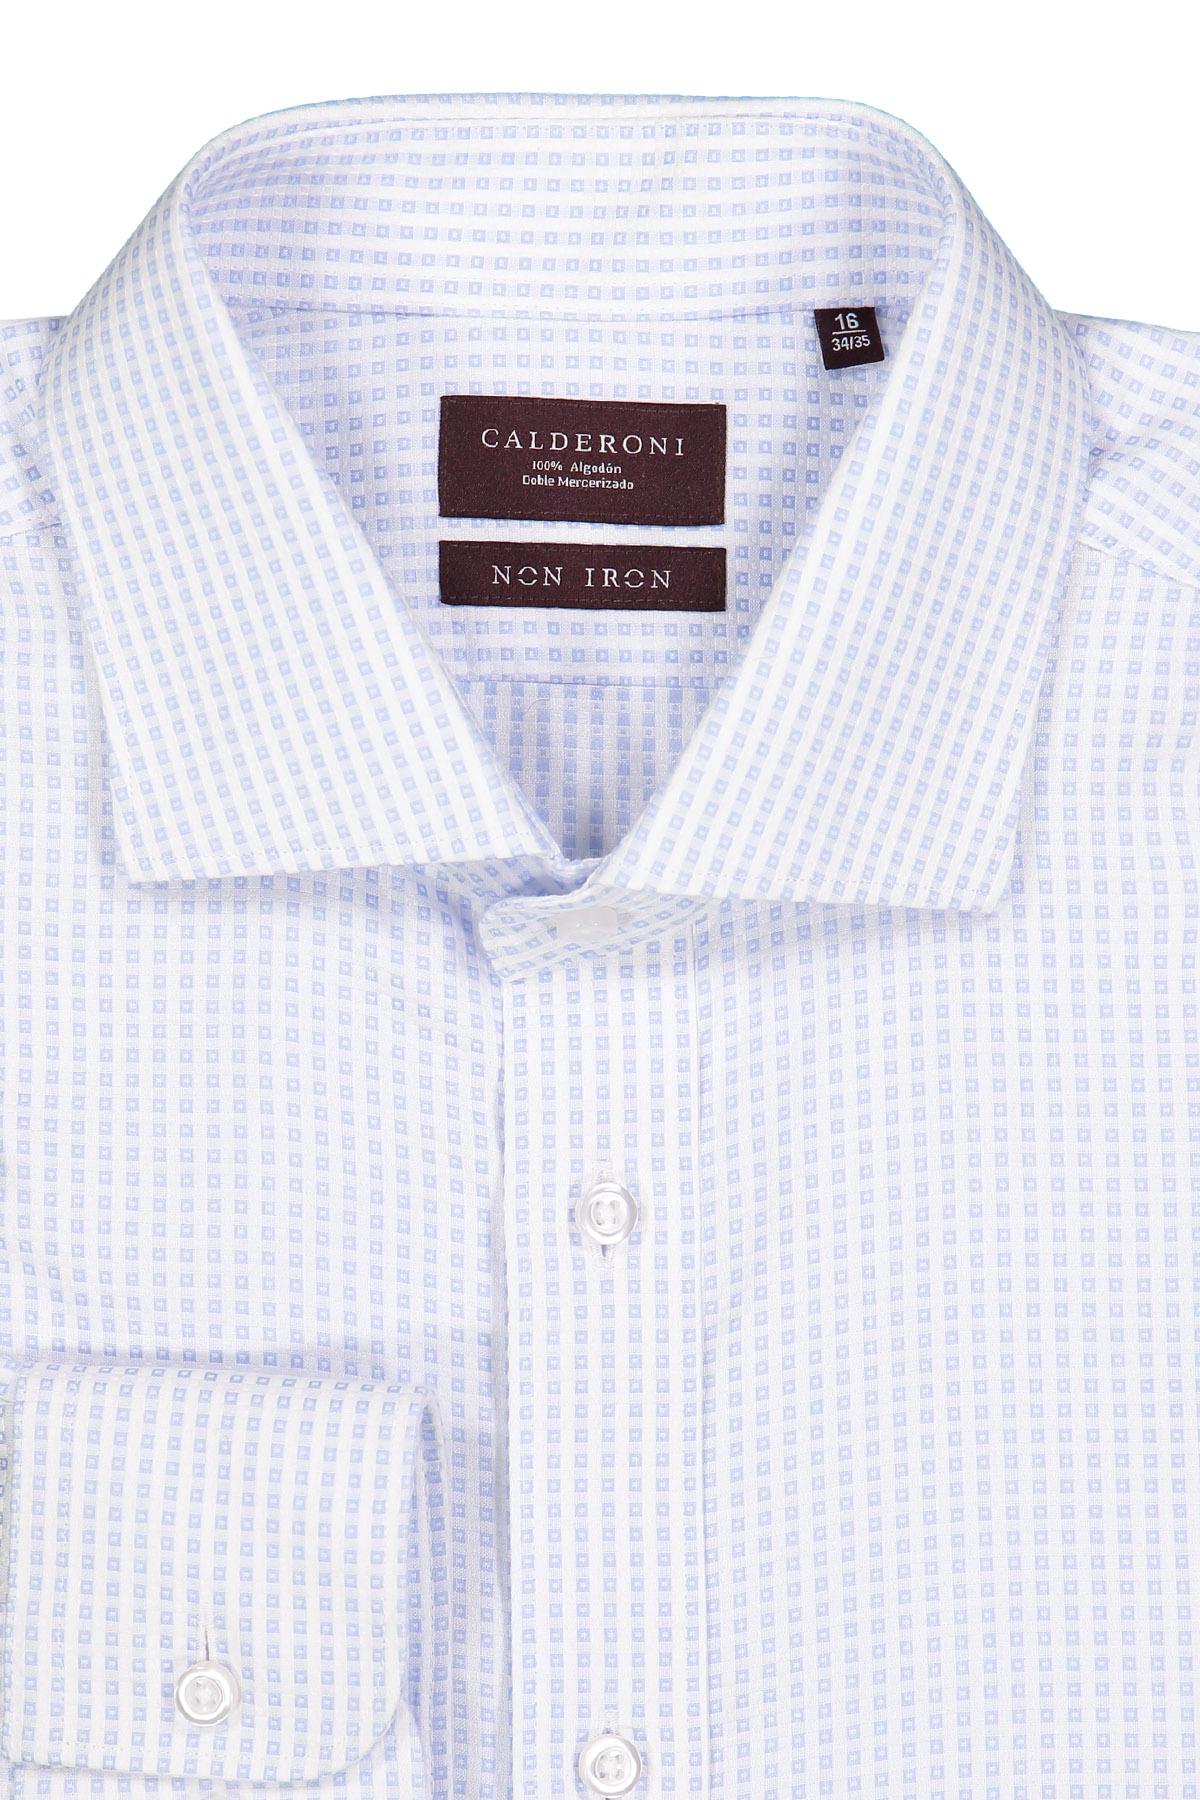 Camisa Calderoni -Non Iron DP4- blanca con cuadros celeste.